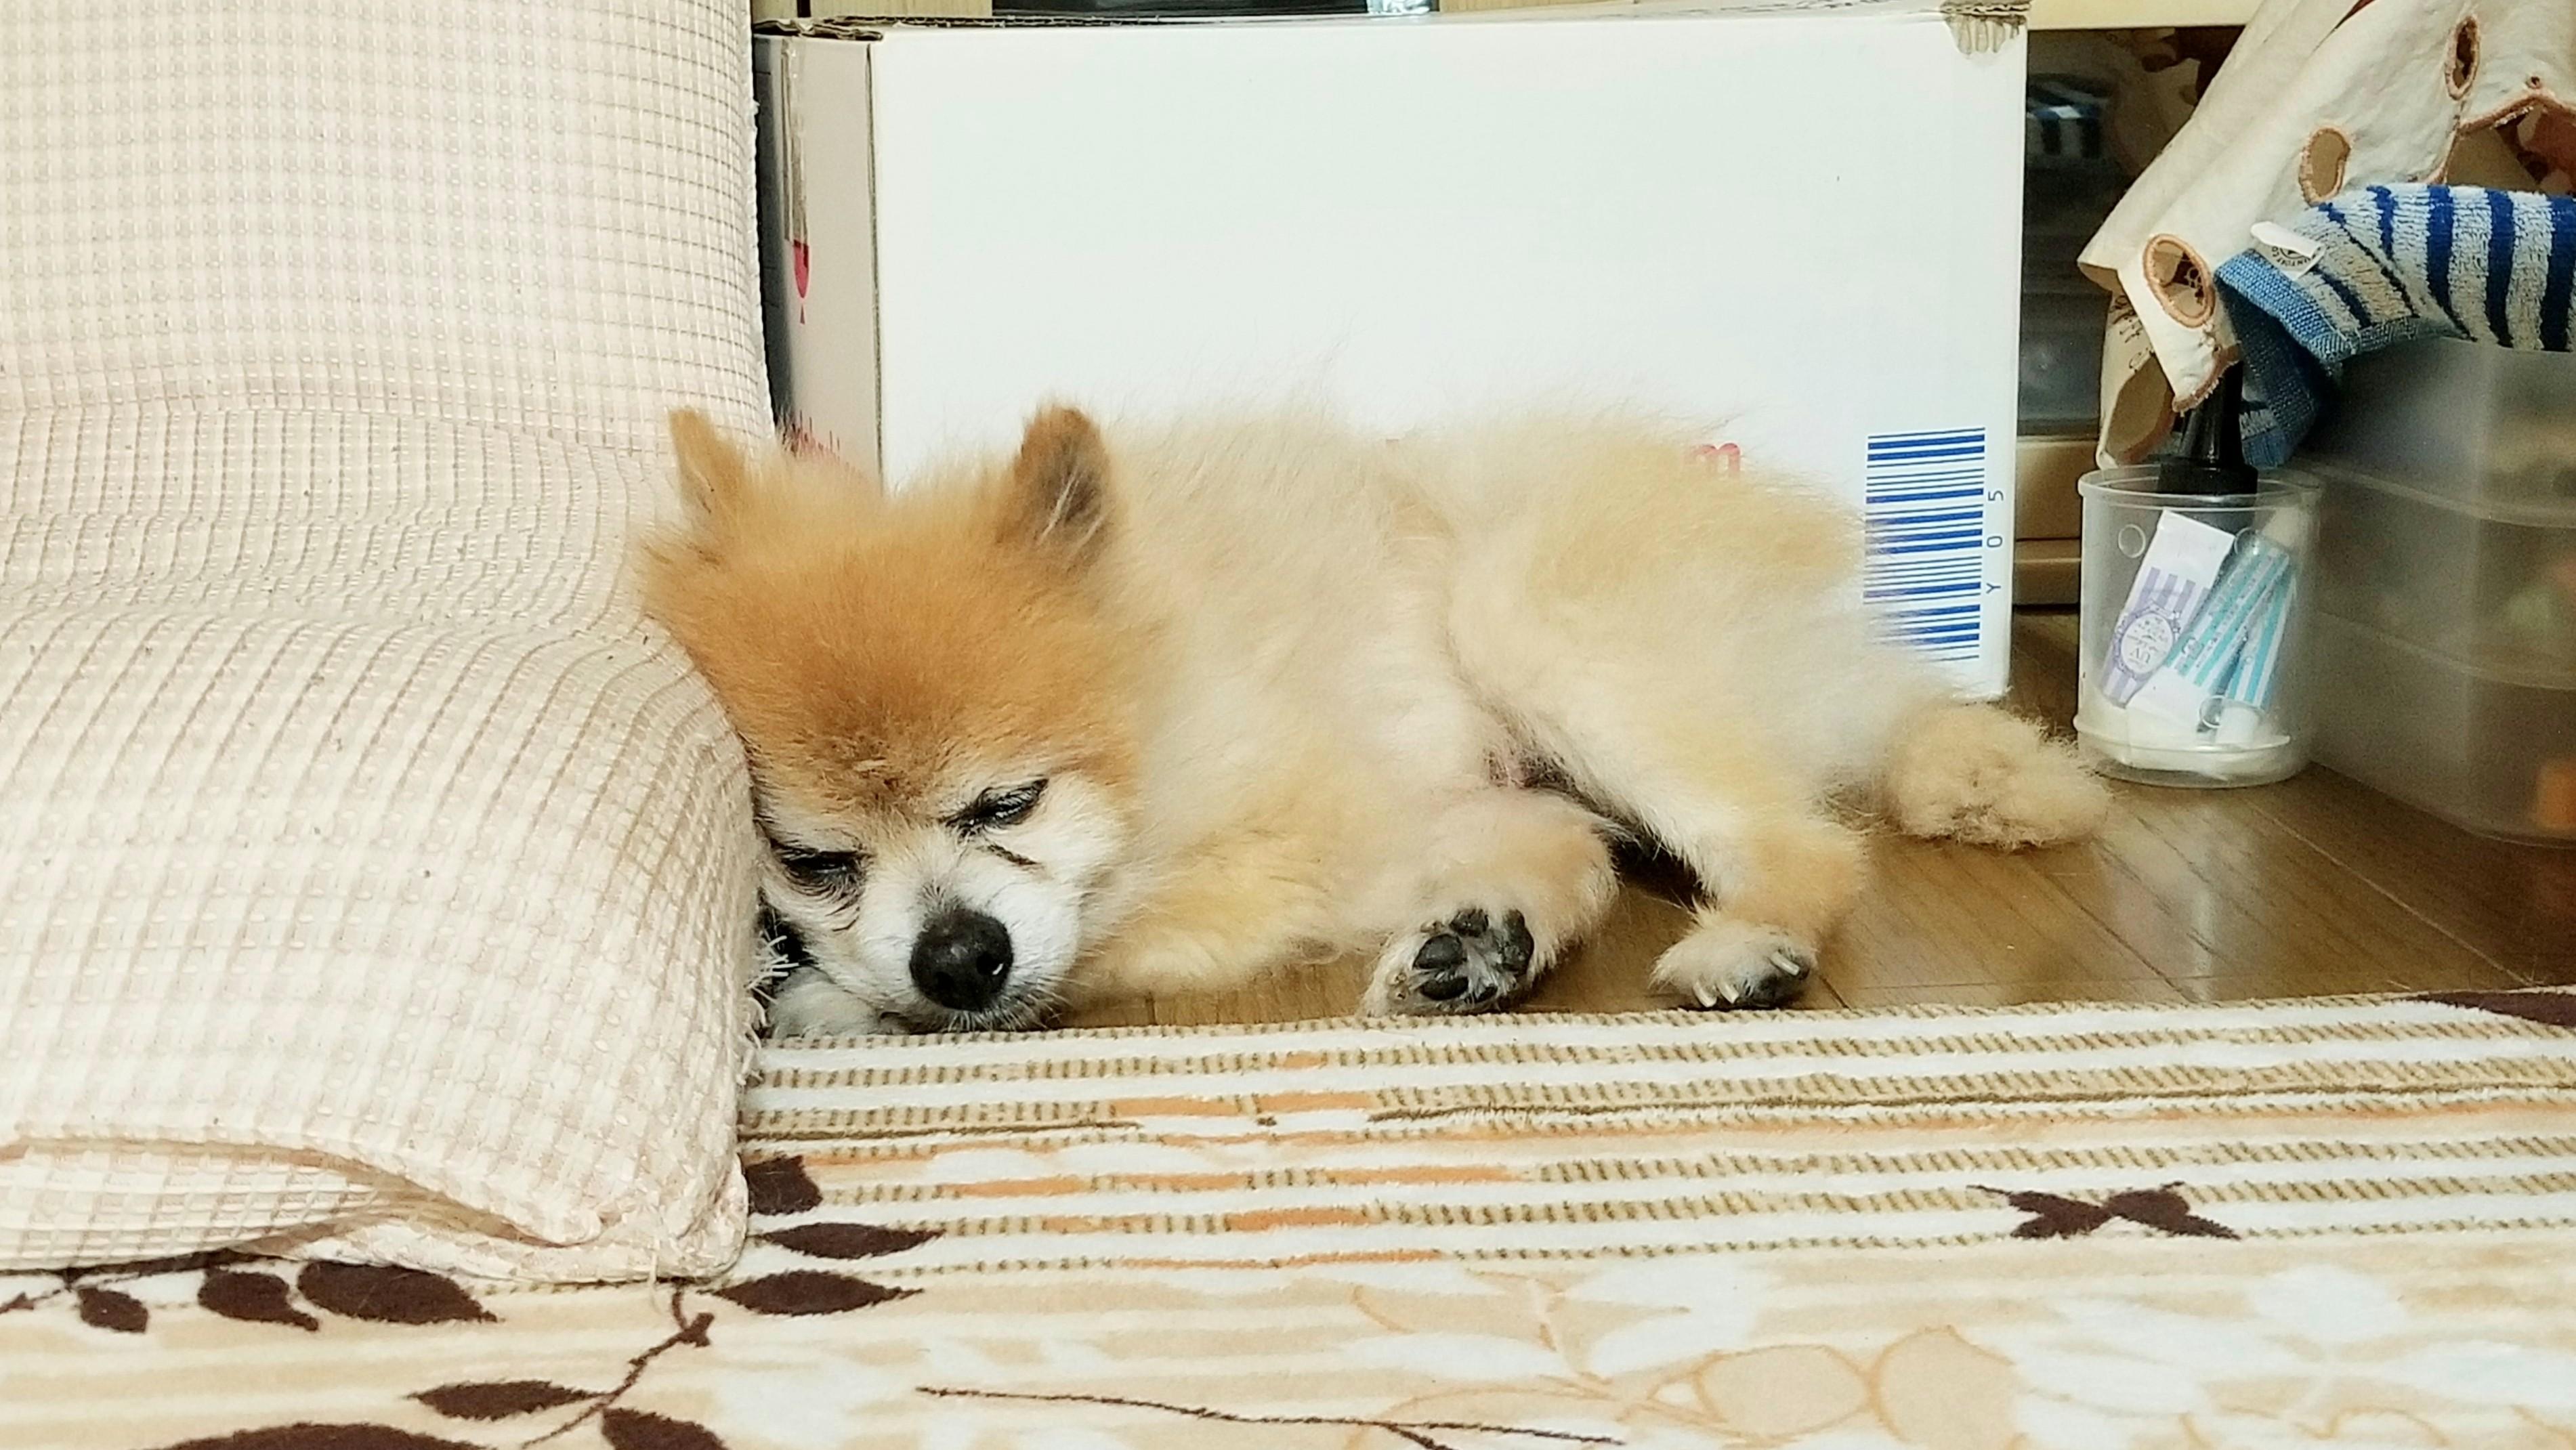 愛犬くん天国へペットの生命死初七日悲しみ寂しいポメラニアン幸せに